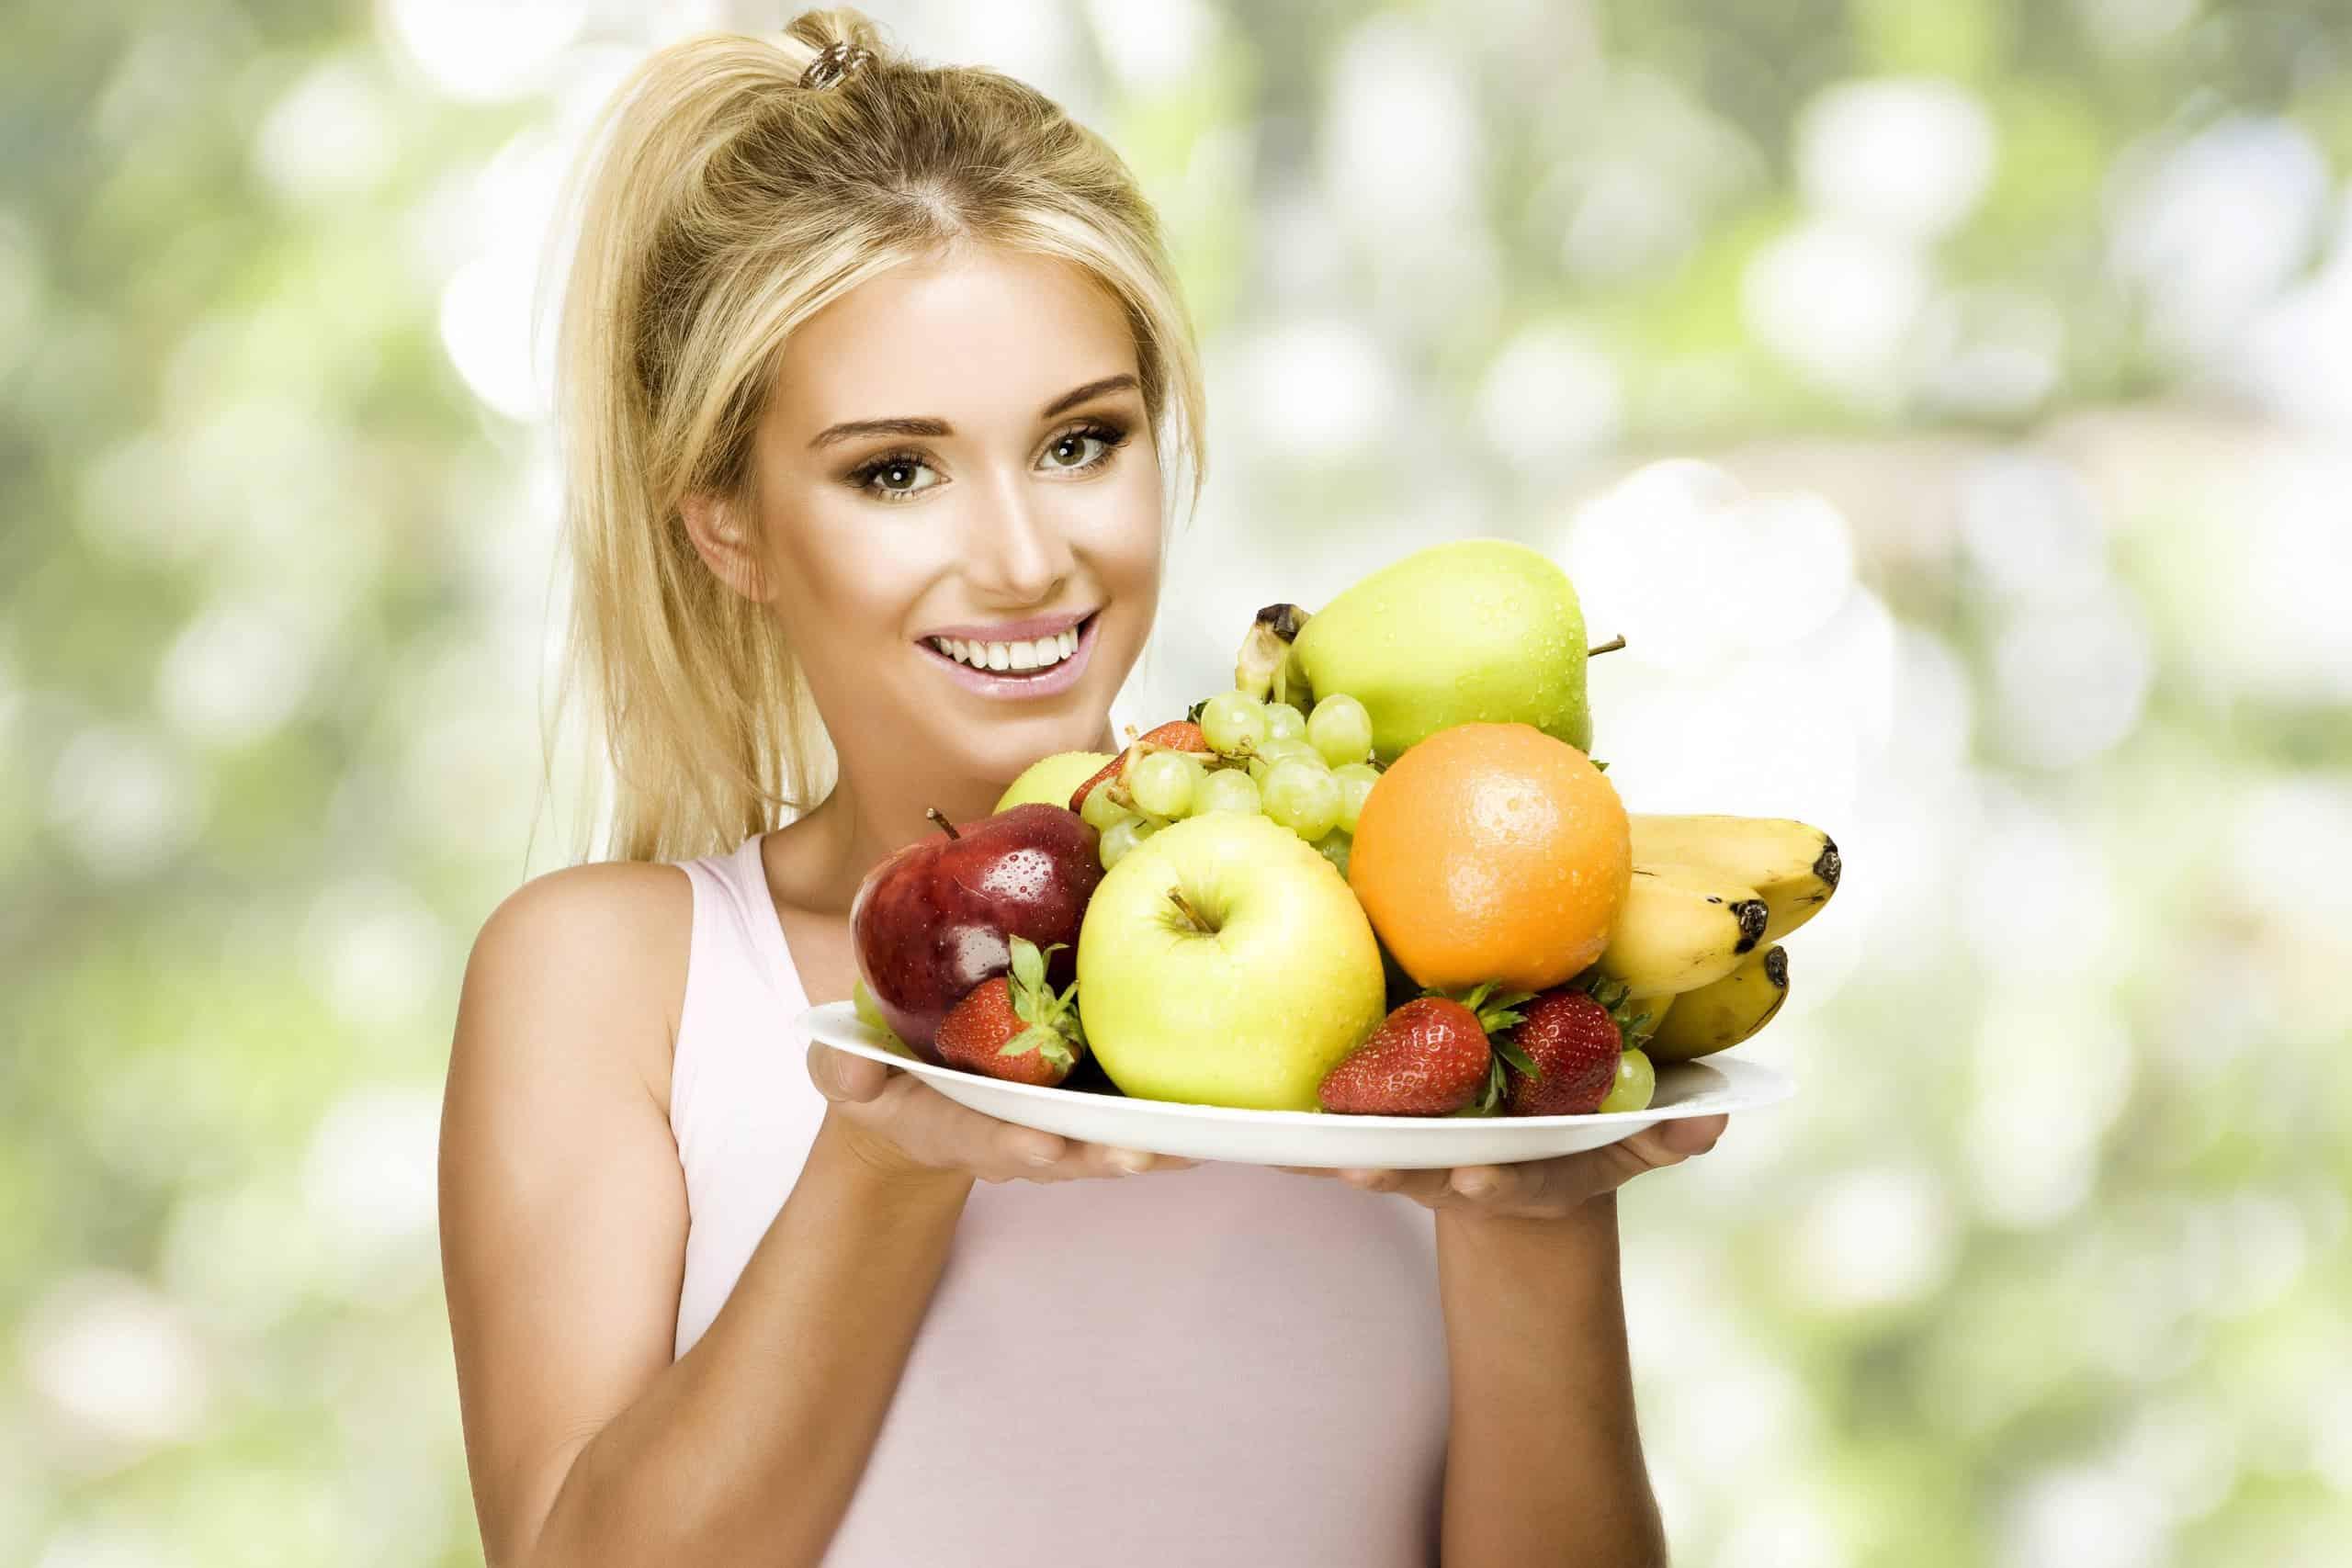 правильное питание - лучшая профилактика эндокринных заболеваний